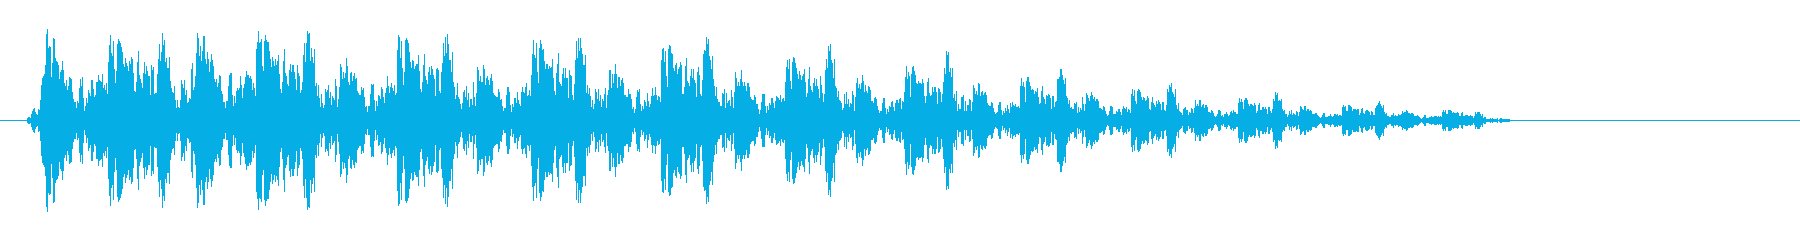 キュルルルン(宇宙を加速するバネ音)の再生済みの波形